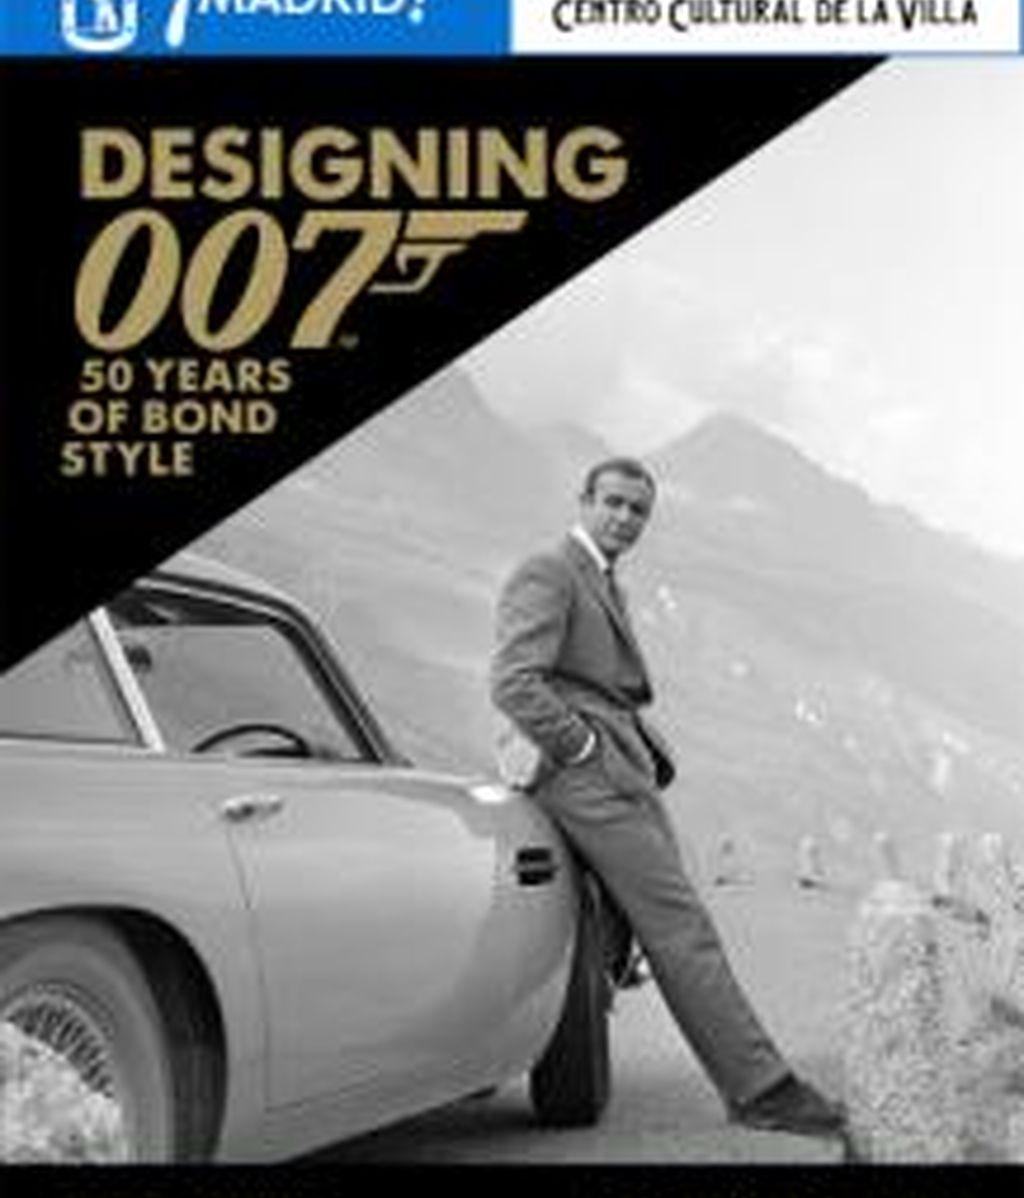 Diseñando 007, los 50 años de James Bond recreados en una exposición